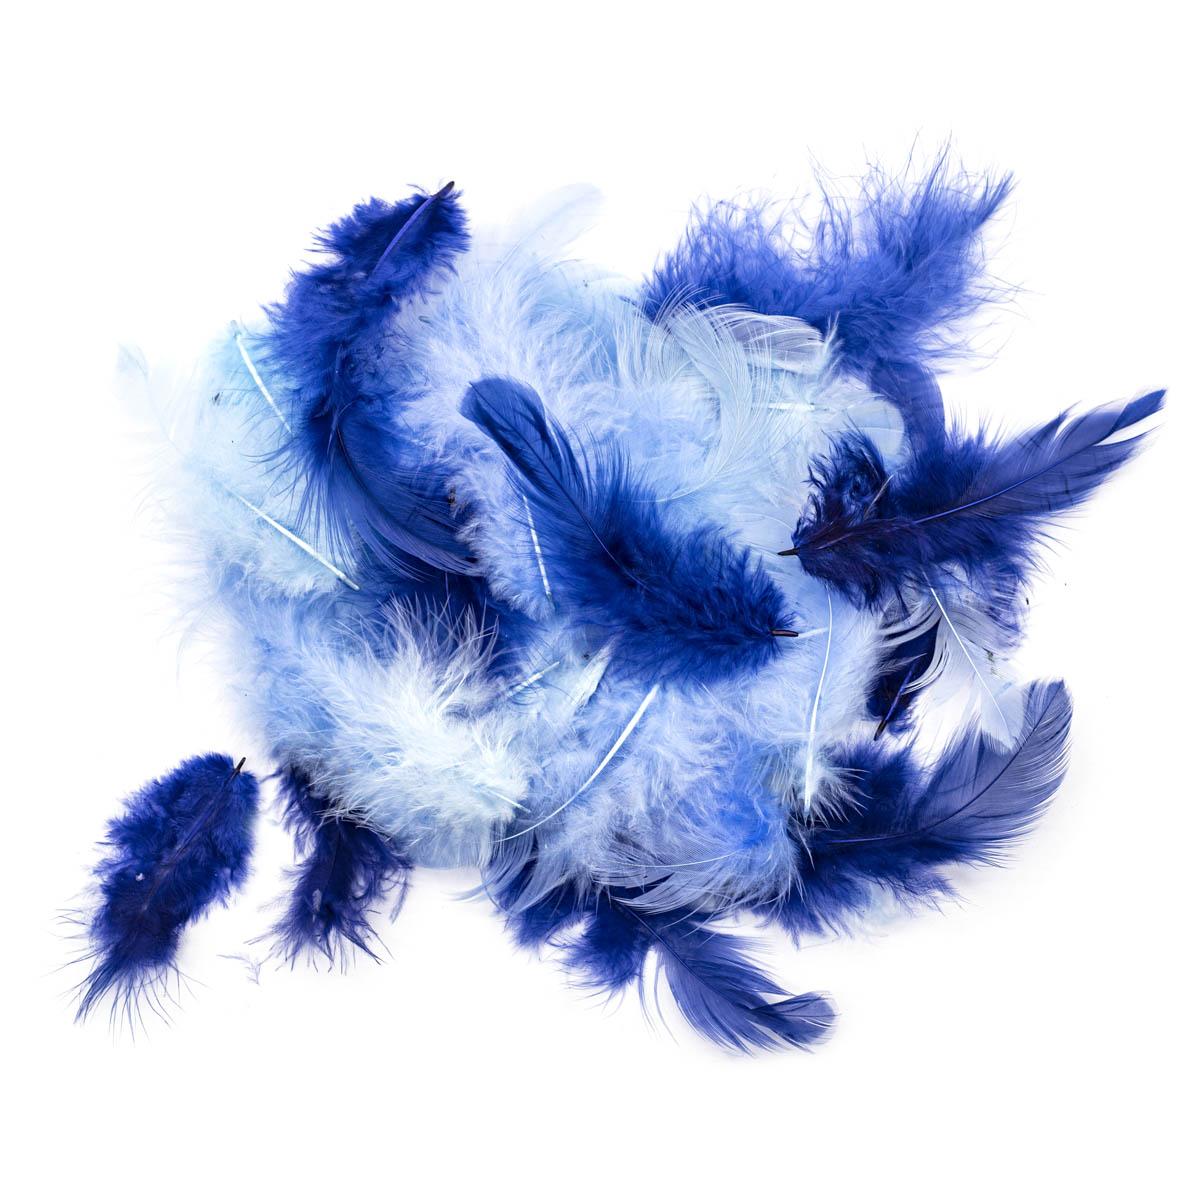 63821123 Декоративные перья голубое ассорти 2г, (30шт.+,-) Glorex